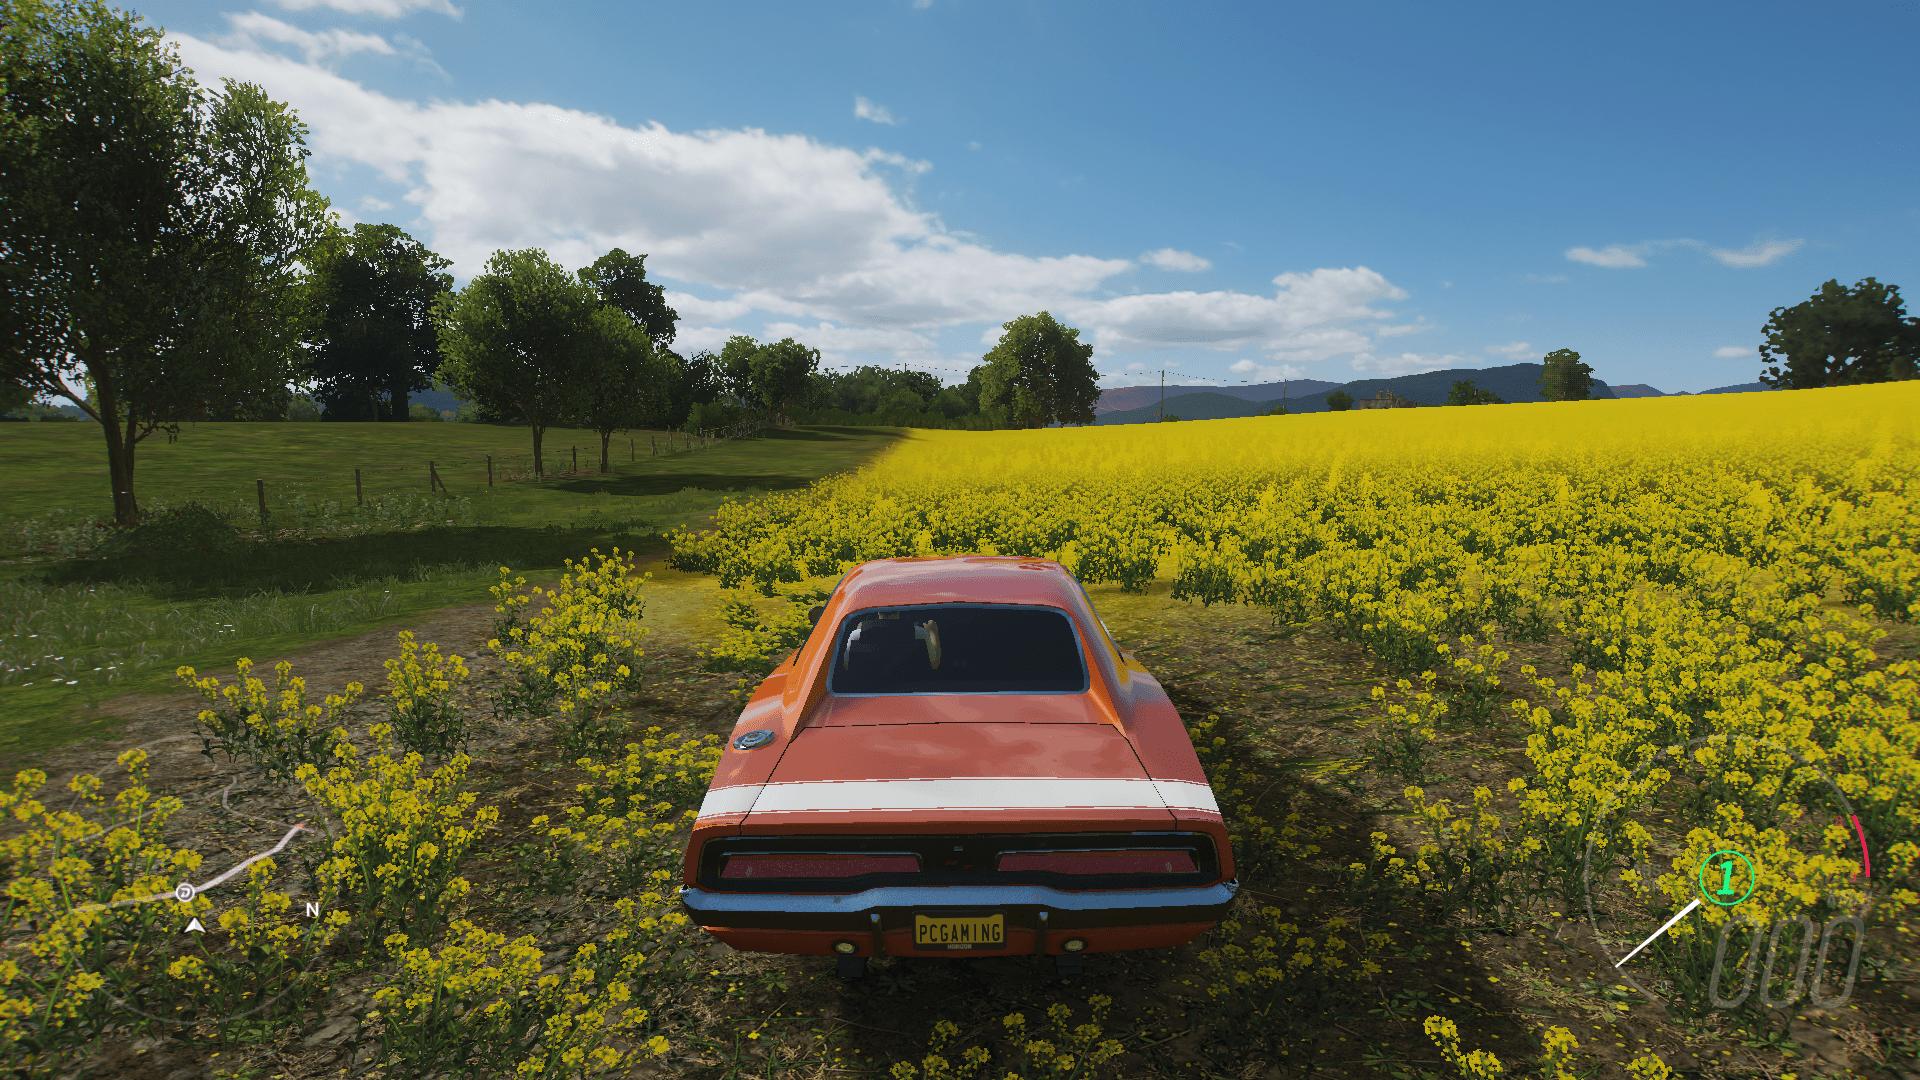 basso1 - Forza Horizon 4 - Recensione come gira su PC